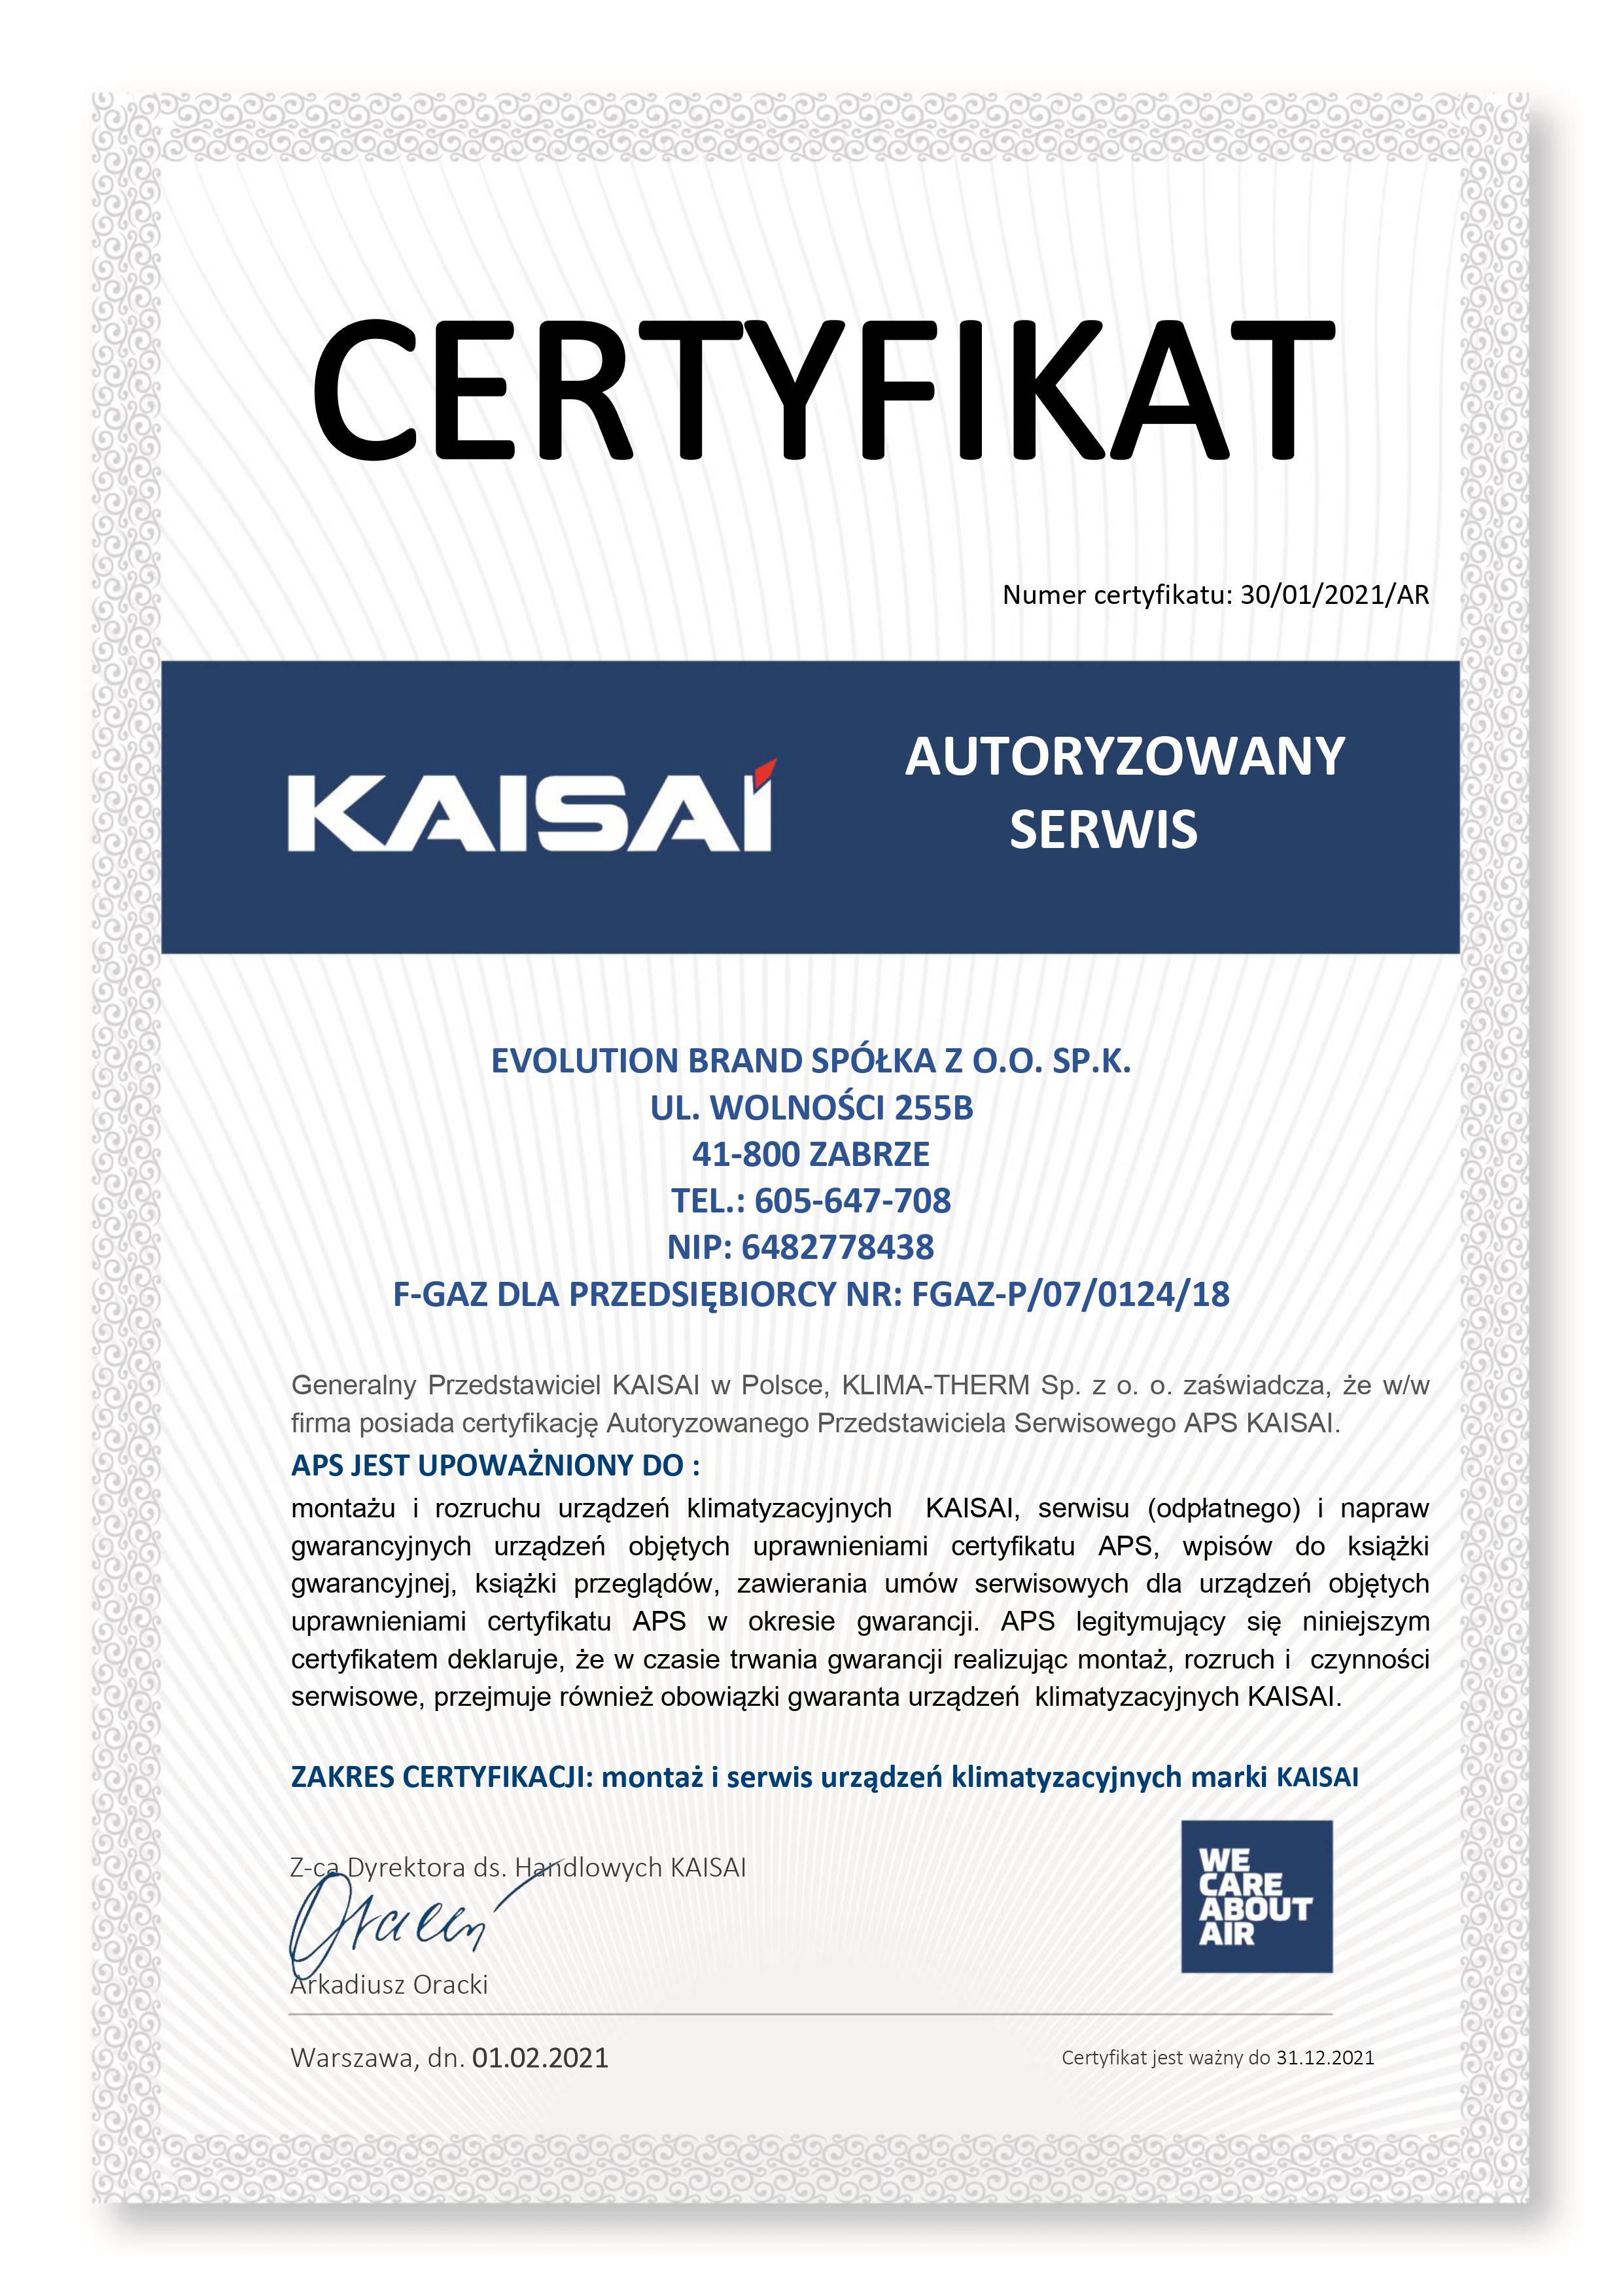 Certyfikat Kaisai 2021